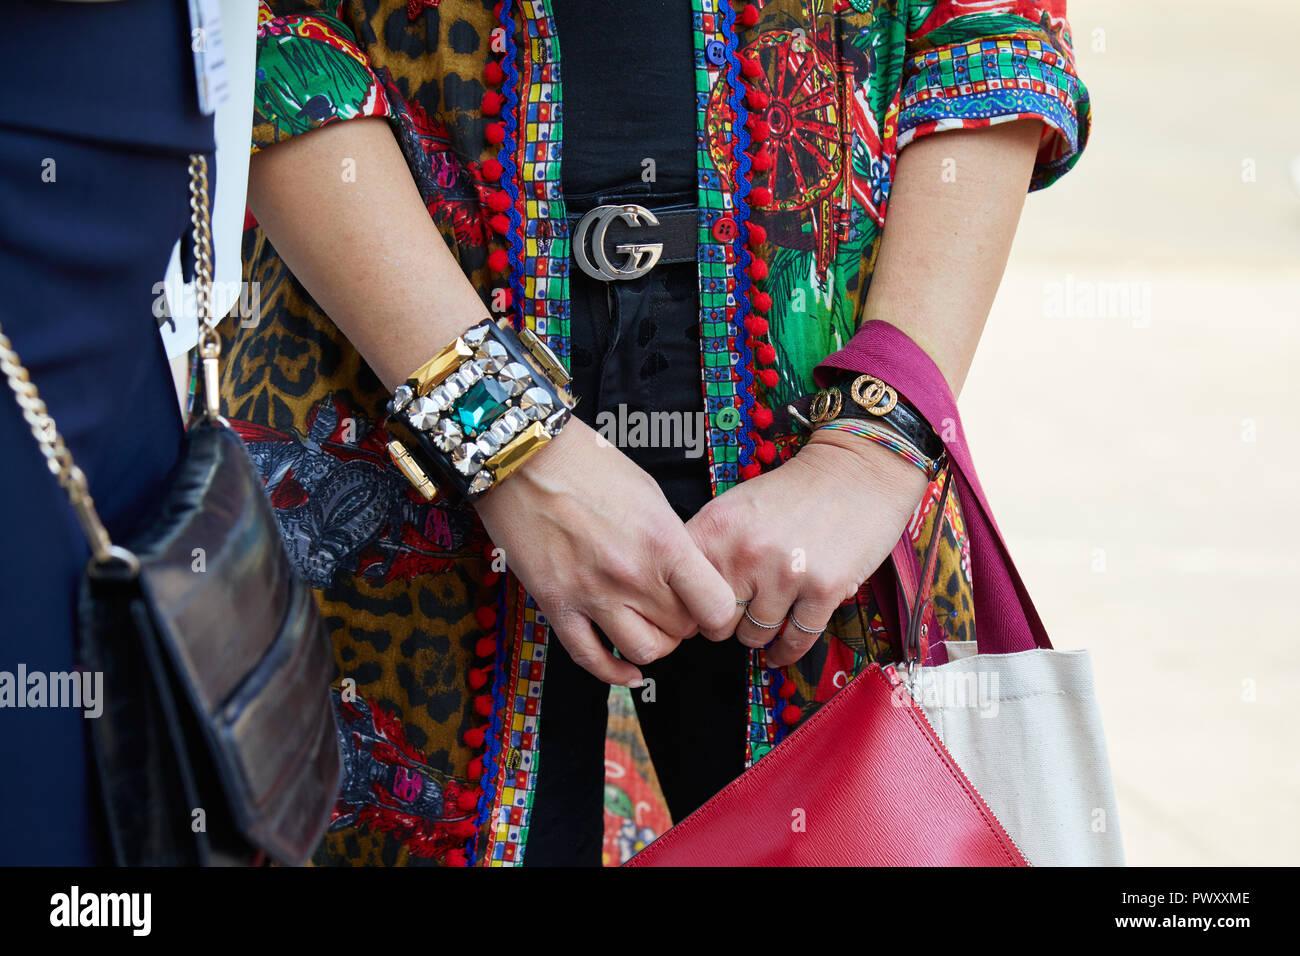 MILAN, ITALIE - 21 septembre 2018   Femme avec ceinture Gucci, veste  colorée et 4a3f861f314